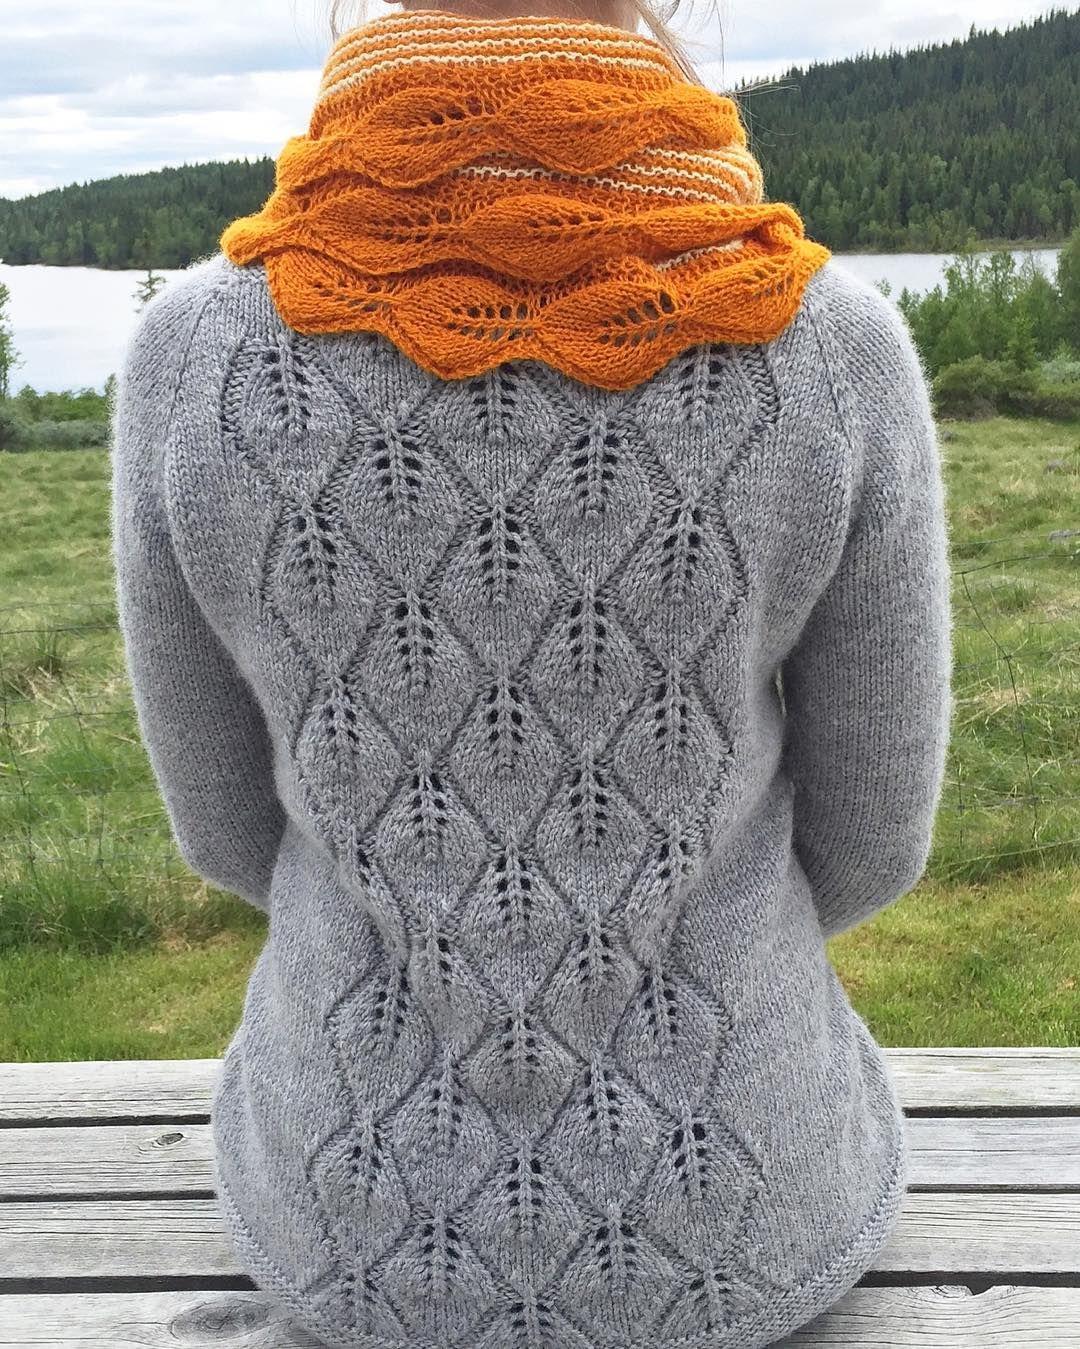 """Sommerens mest brukte antrekk! #løvlisjal brukes som regel som skjerf og #løvfallkardigan brukes så ofte at jeg har begynt å """"spare"""" den for å ikke slite den ut.  Nye er på pinnene!  Loving these! #fallingleavescardigan and #lovelyleafshawl  #norwegiansummer #mydesign"""